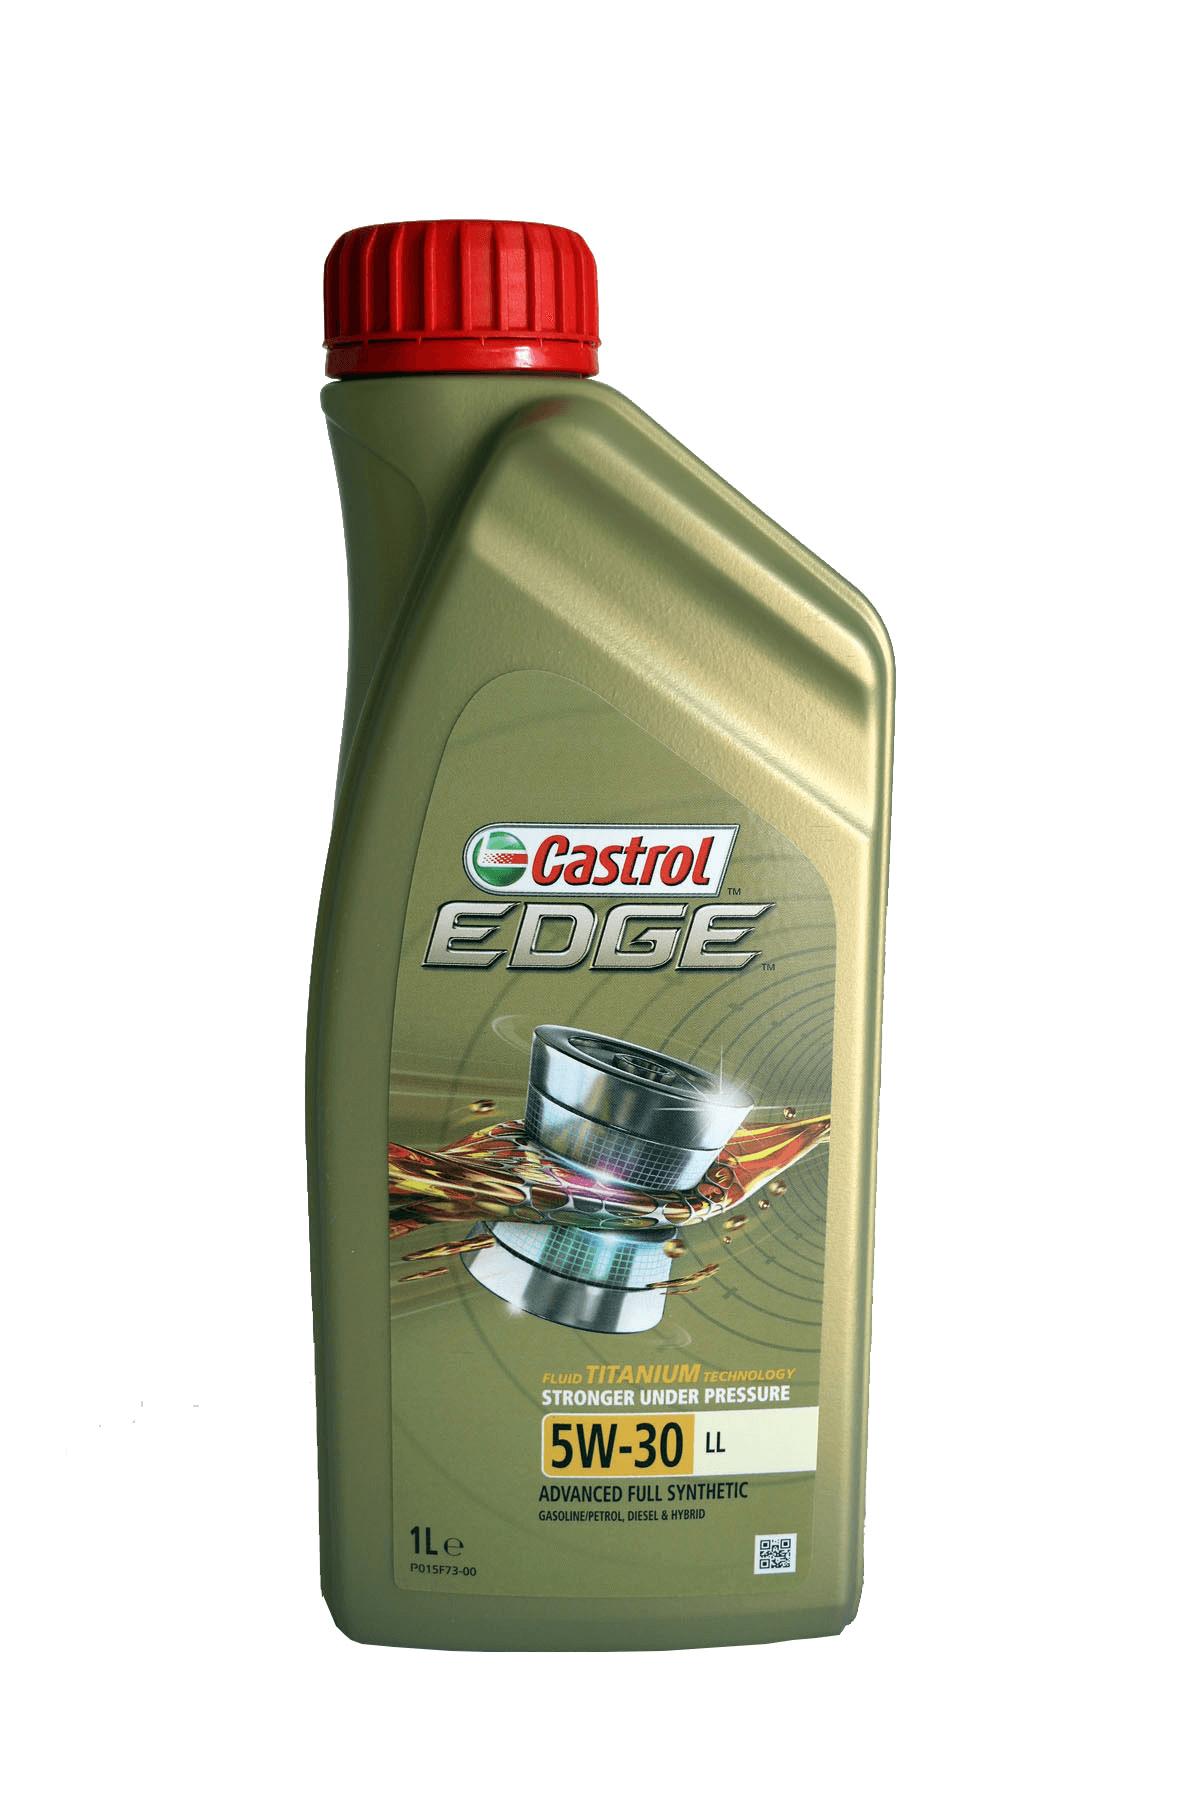 Castrol Edge FST 5W-30 LL Motoröl, 1l